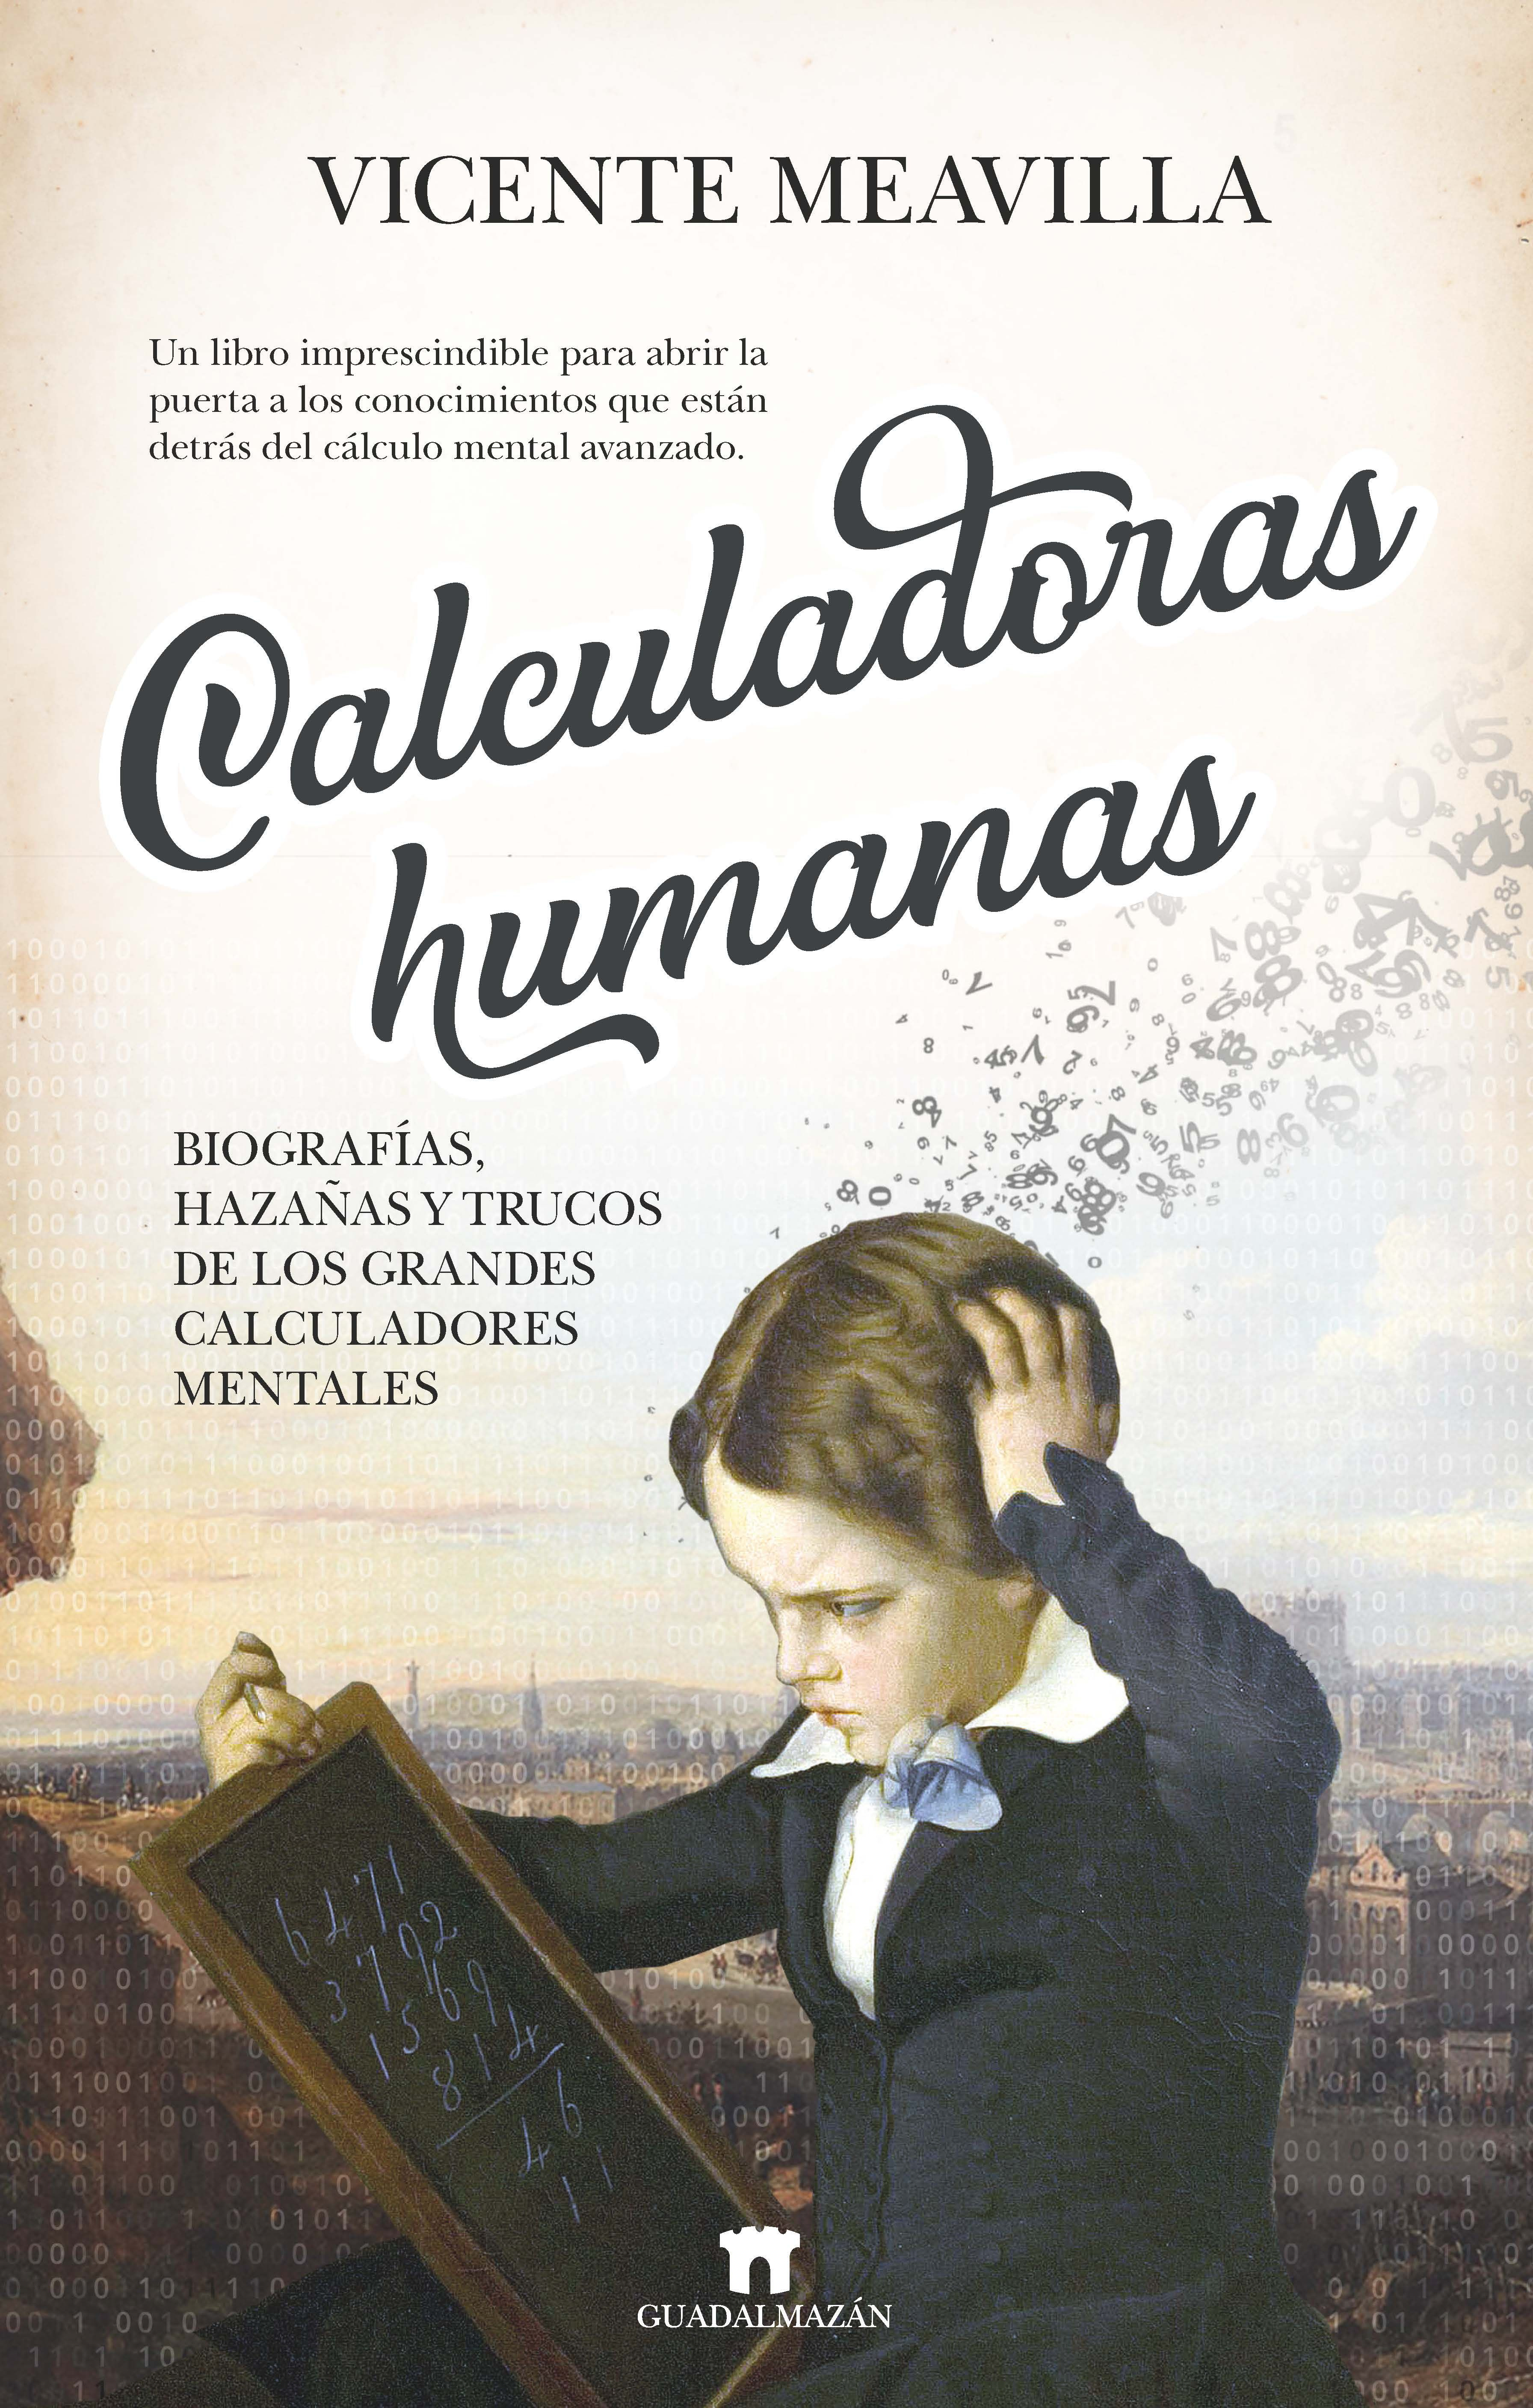 CALCULADORAS HUMANAS: BIOGRAFÍAS, ANÉCDOTAS Y...